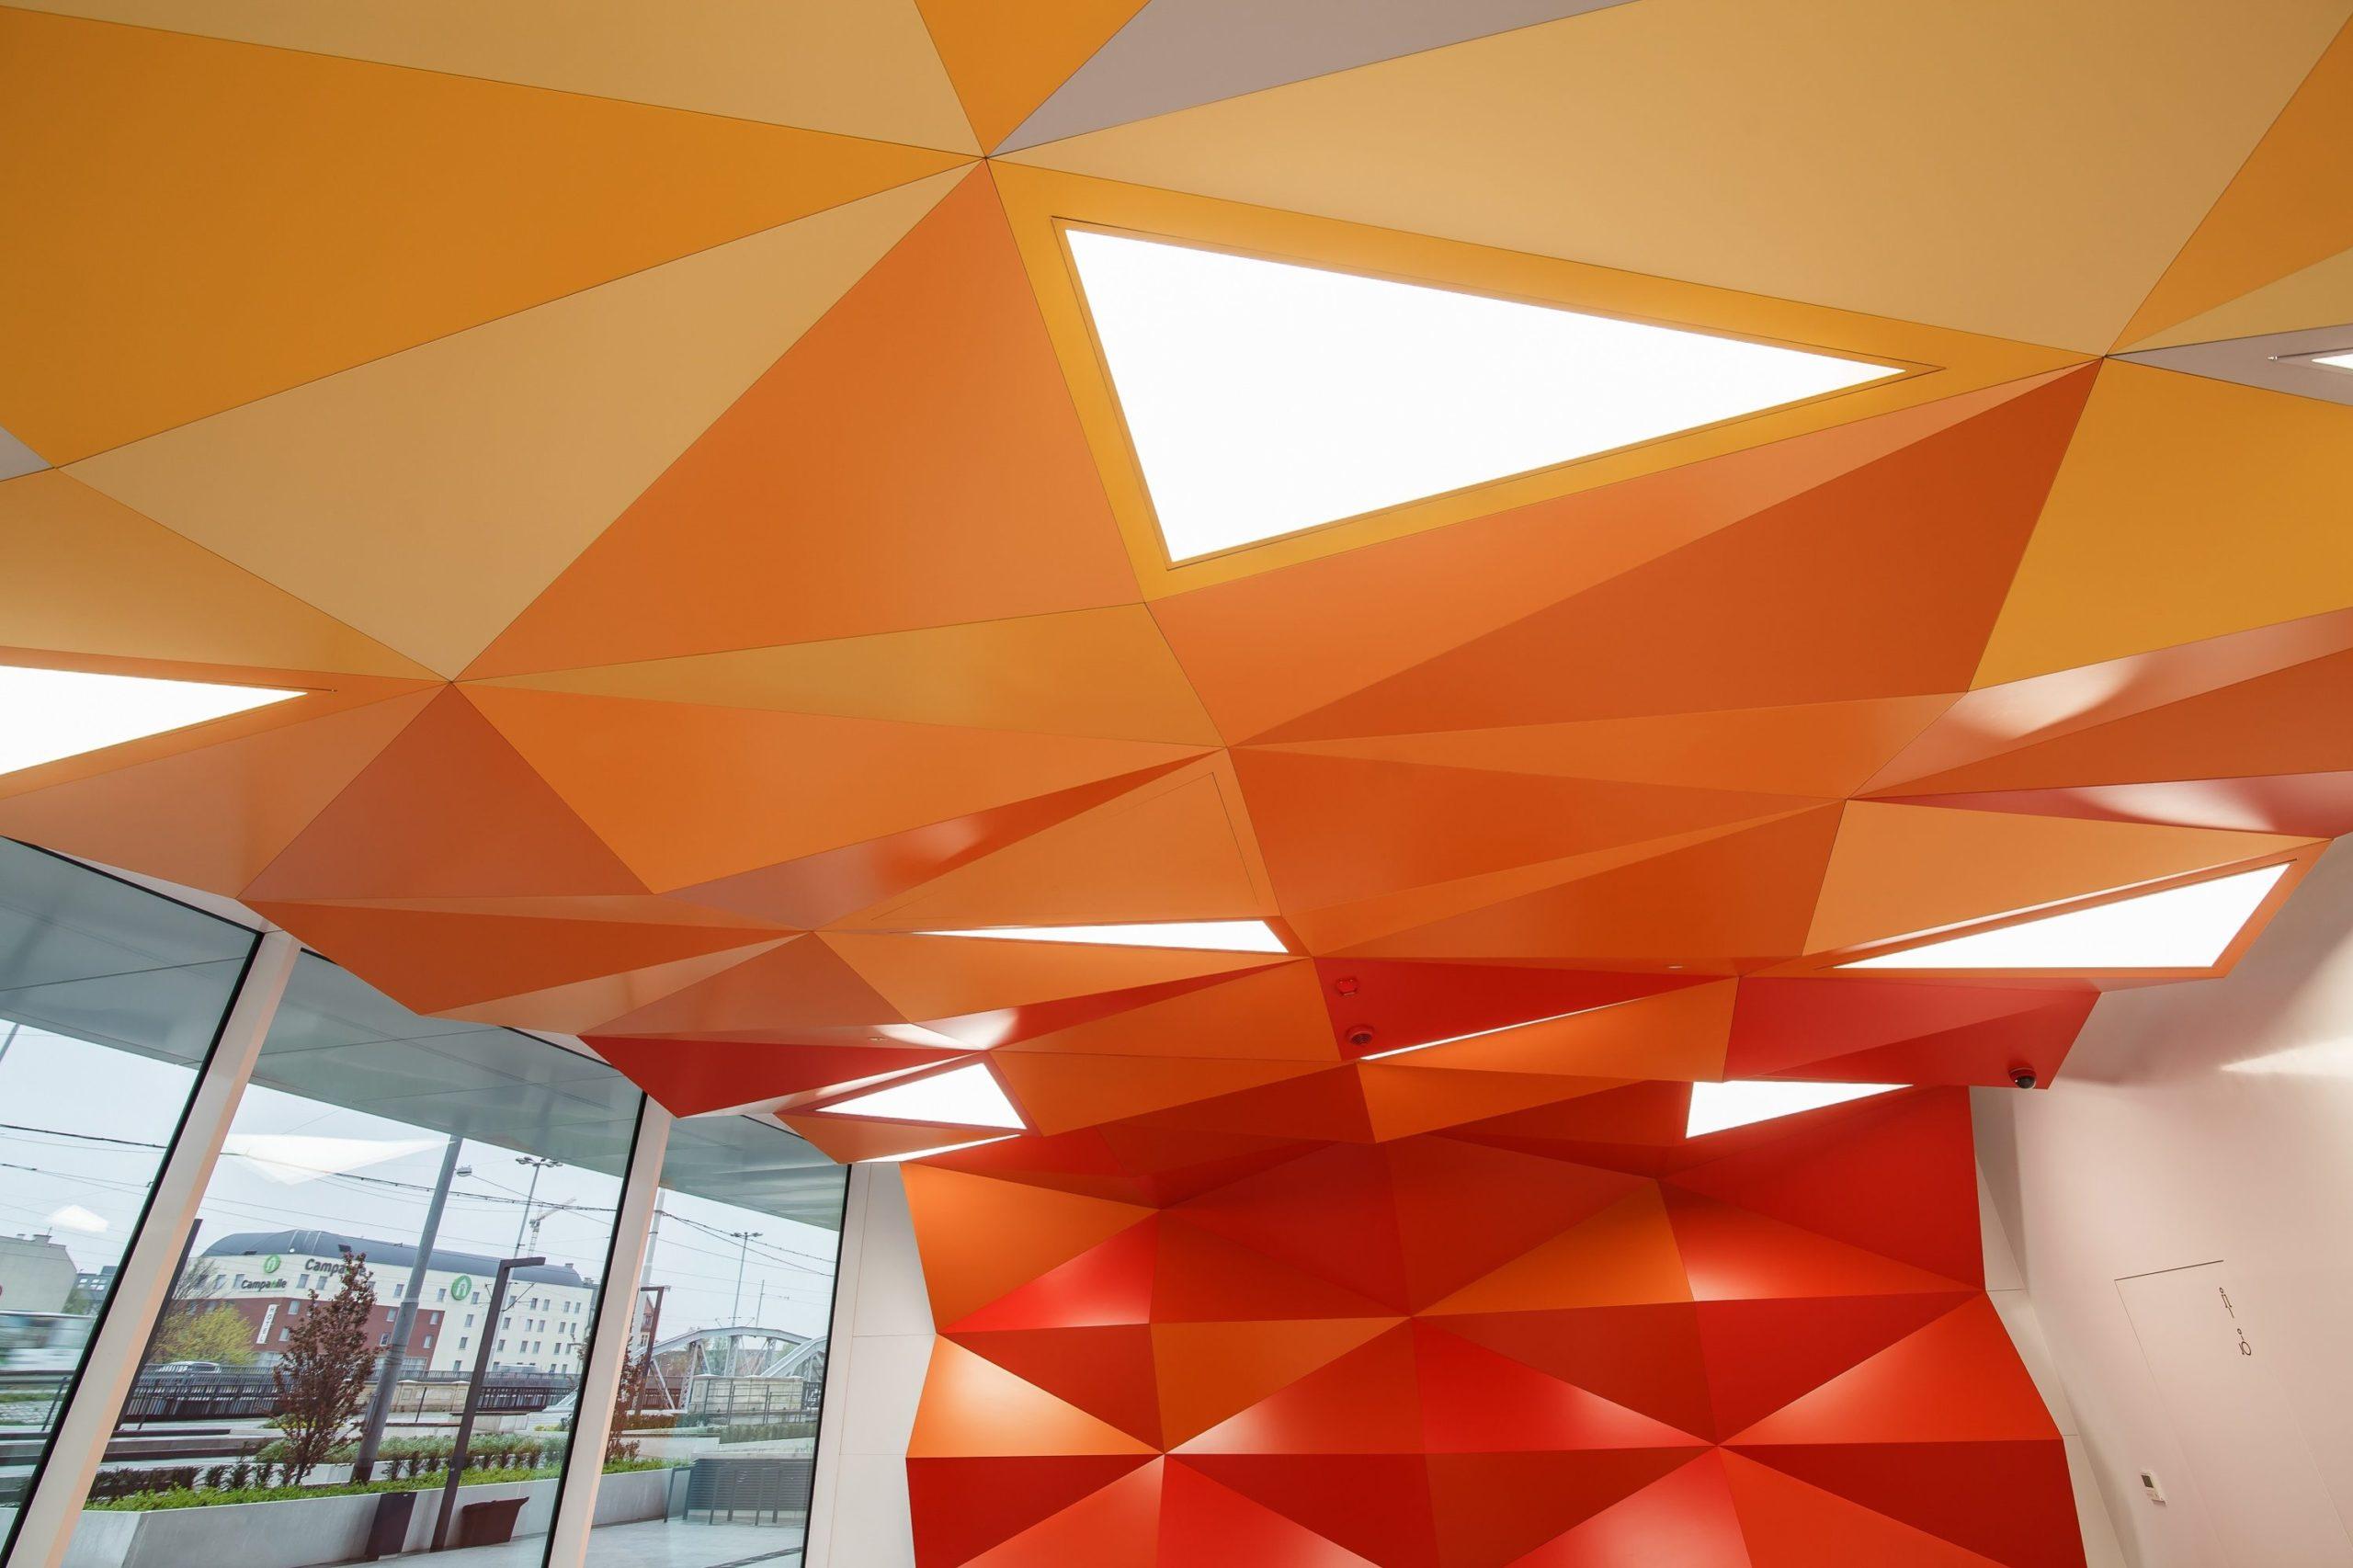 Niestandardowe oprawy biurowe led przy Dubois 41 w firmie 3M - Luxon LED